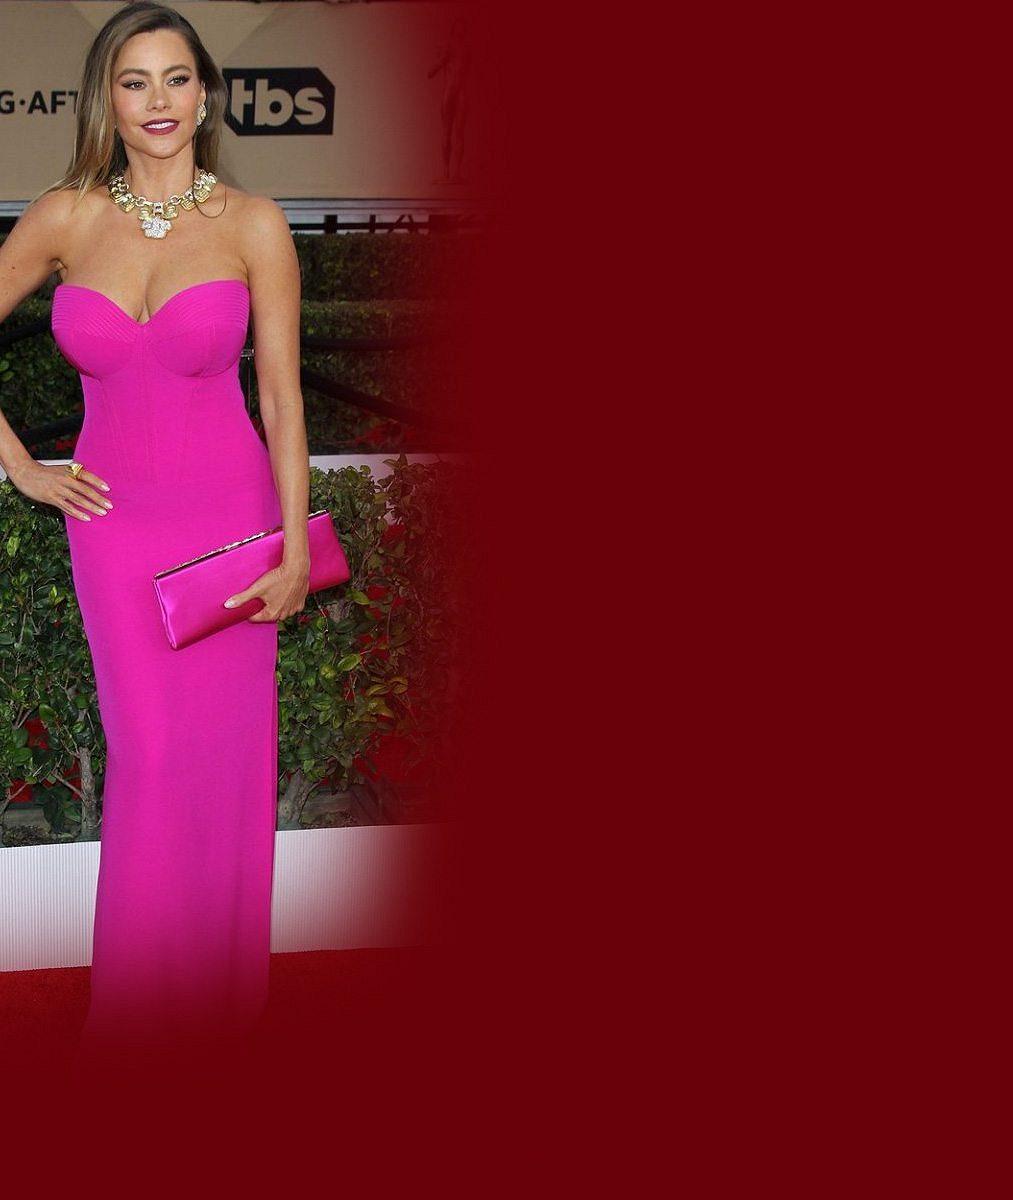 Vnadná seriálová hvězda (43) si může stále dovolit růžové šaty ve stylu barbíny